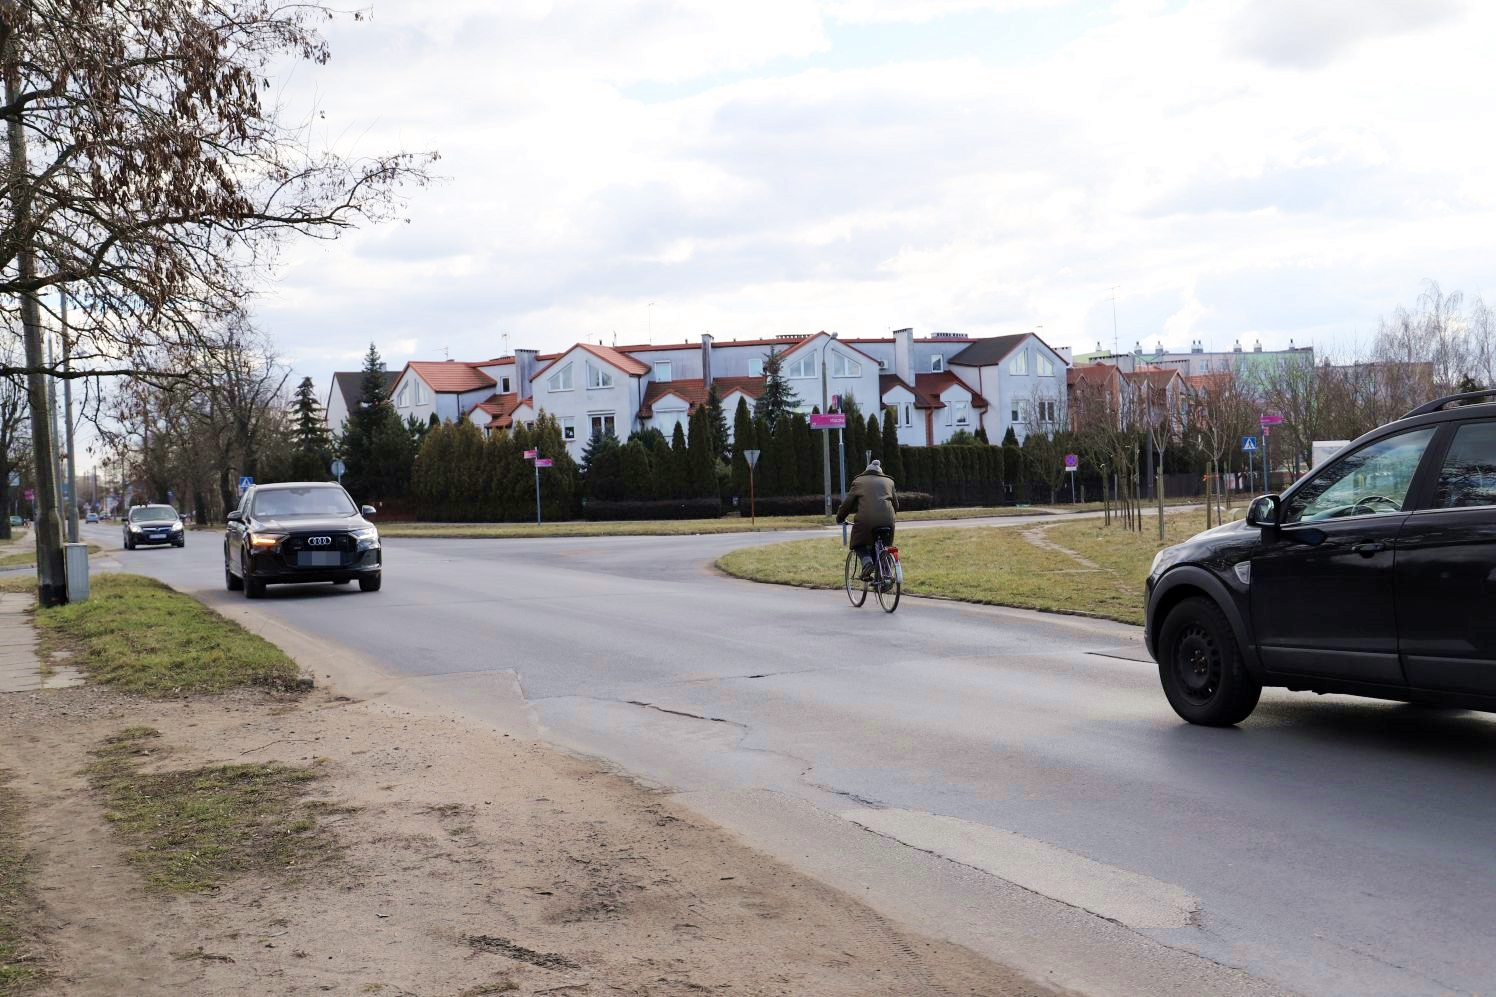 Miała być kostka, będzie asfalt. Zbliża się remont ul. Skłodowskiej-Curie - Zdjęcie główne